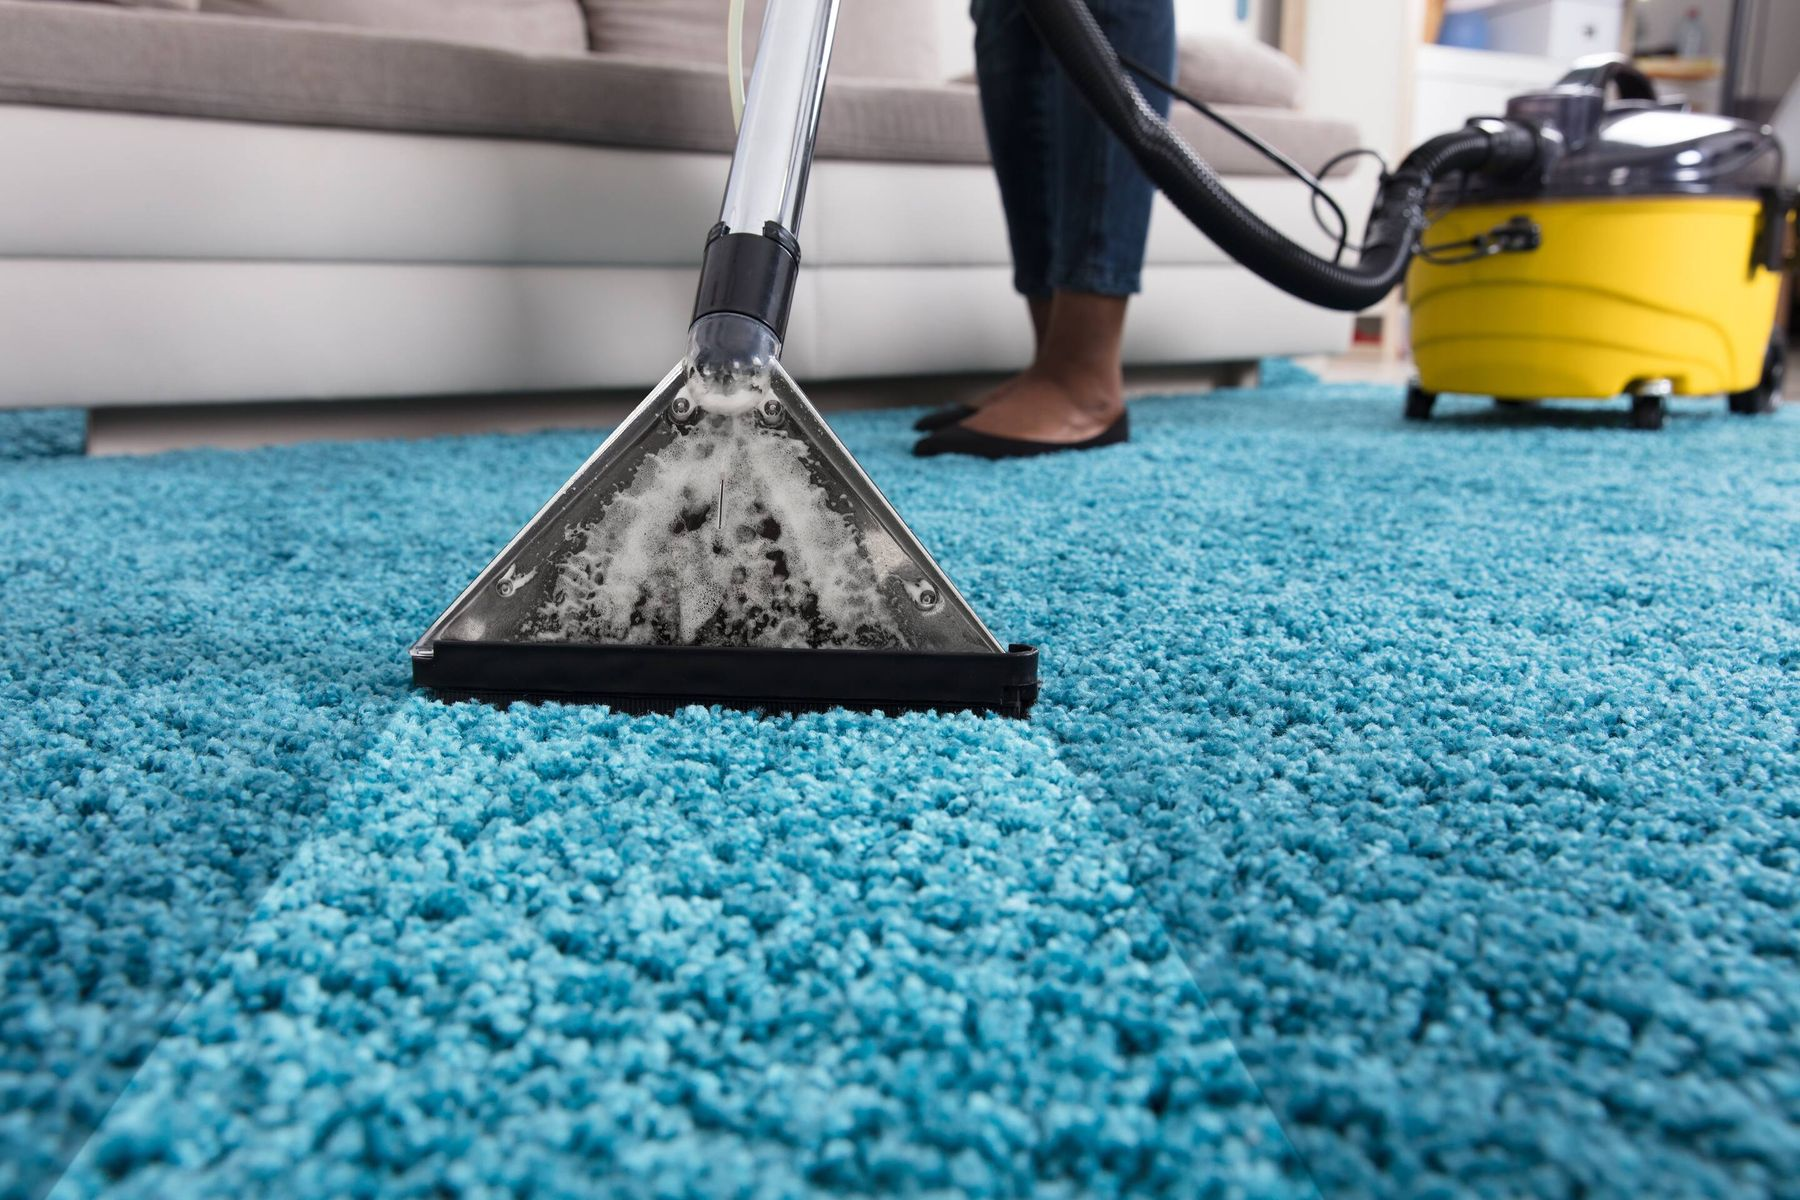 Dịch vụ vệ sinh nhà cửa bao gồm hút bụi, lau dọn,... mang lại không gian sống xanh sạch